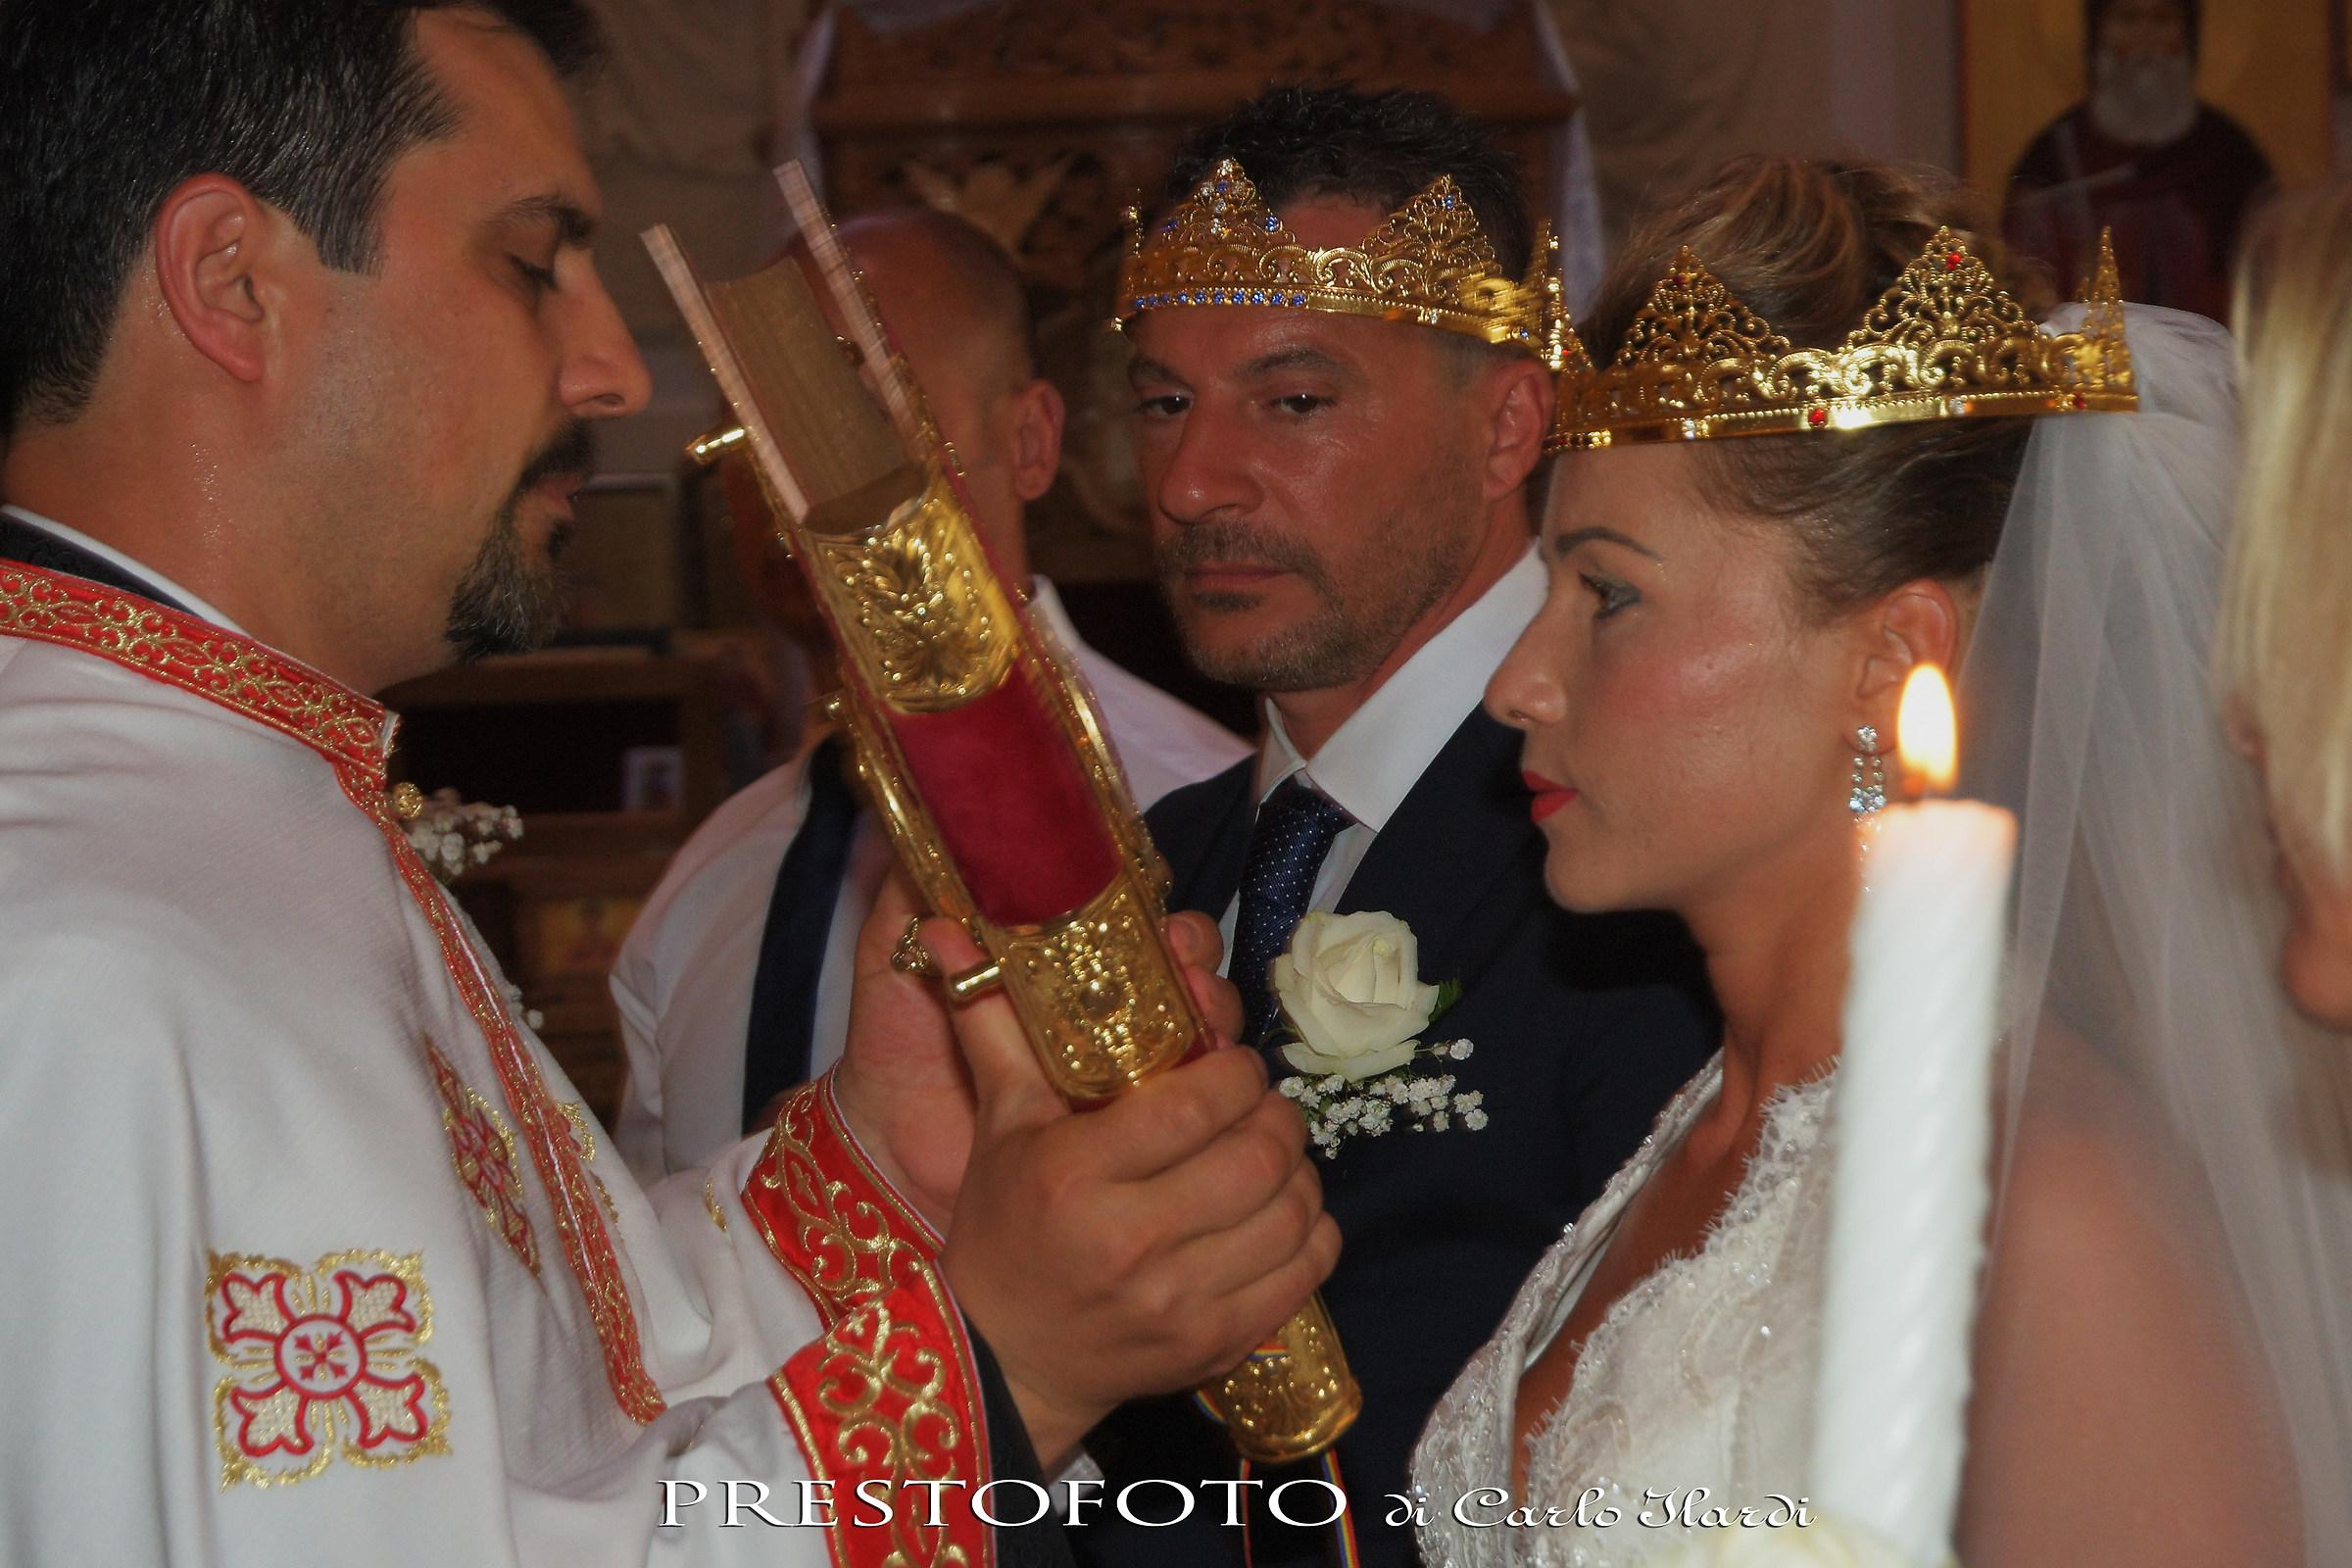 cerimonia ortodossa...